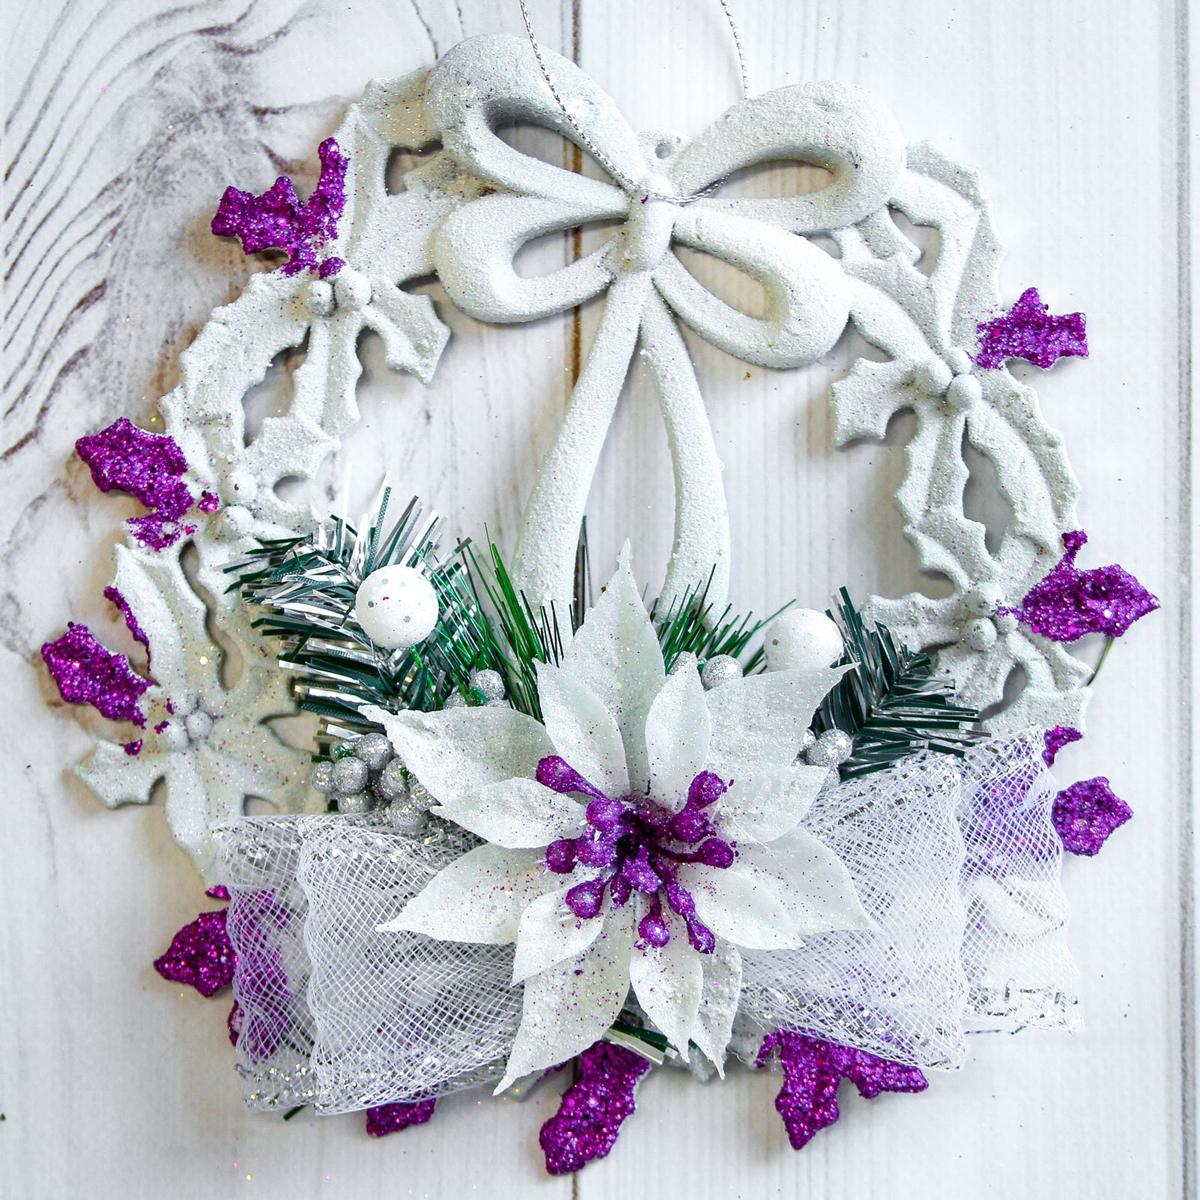 Венок новогодний Бант и цветок, диаметр 17 см2377992Невозможно представить нашу жизнь без праздников! Мы всегда ждем их и предвкушаем, обдумываем, как проведем памятный день, тщательно выбираем подарки и аксессуары, ведь именно они создают и поддерживают торжественный настрой. Это отличный выбор, который привнесет атмосферу праздника в ваш дом!